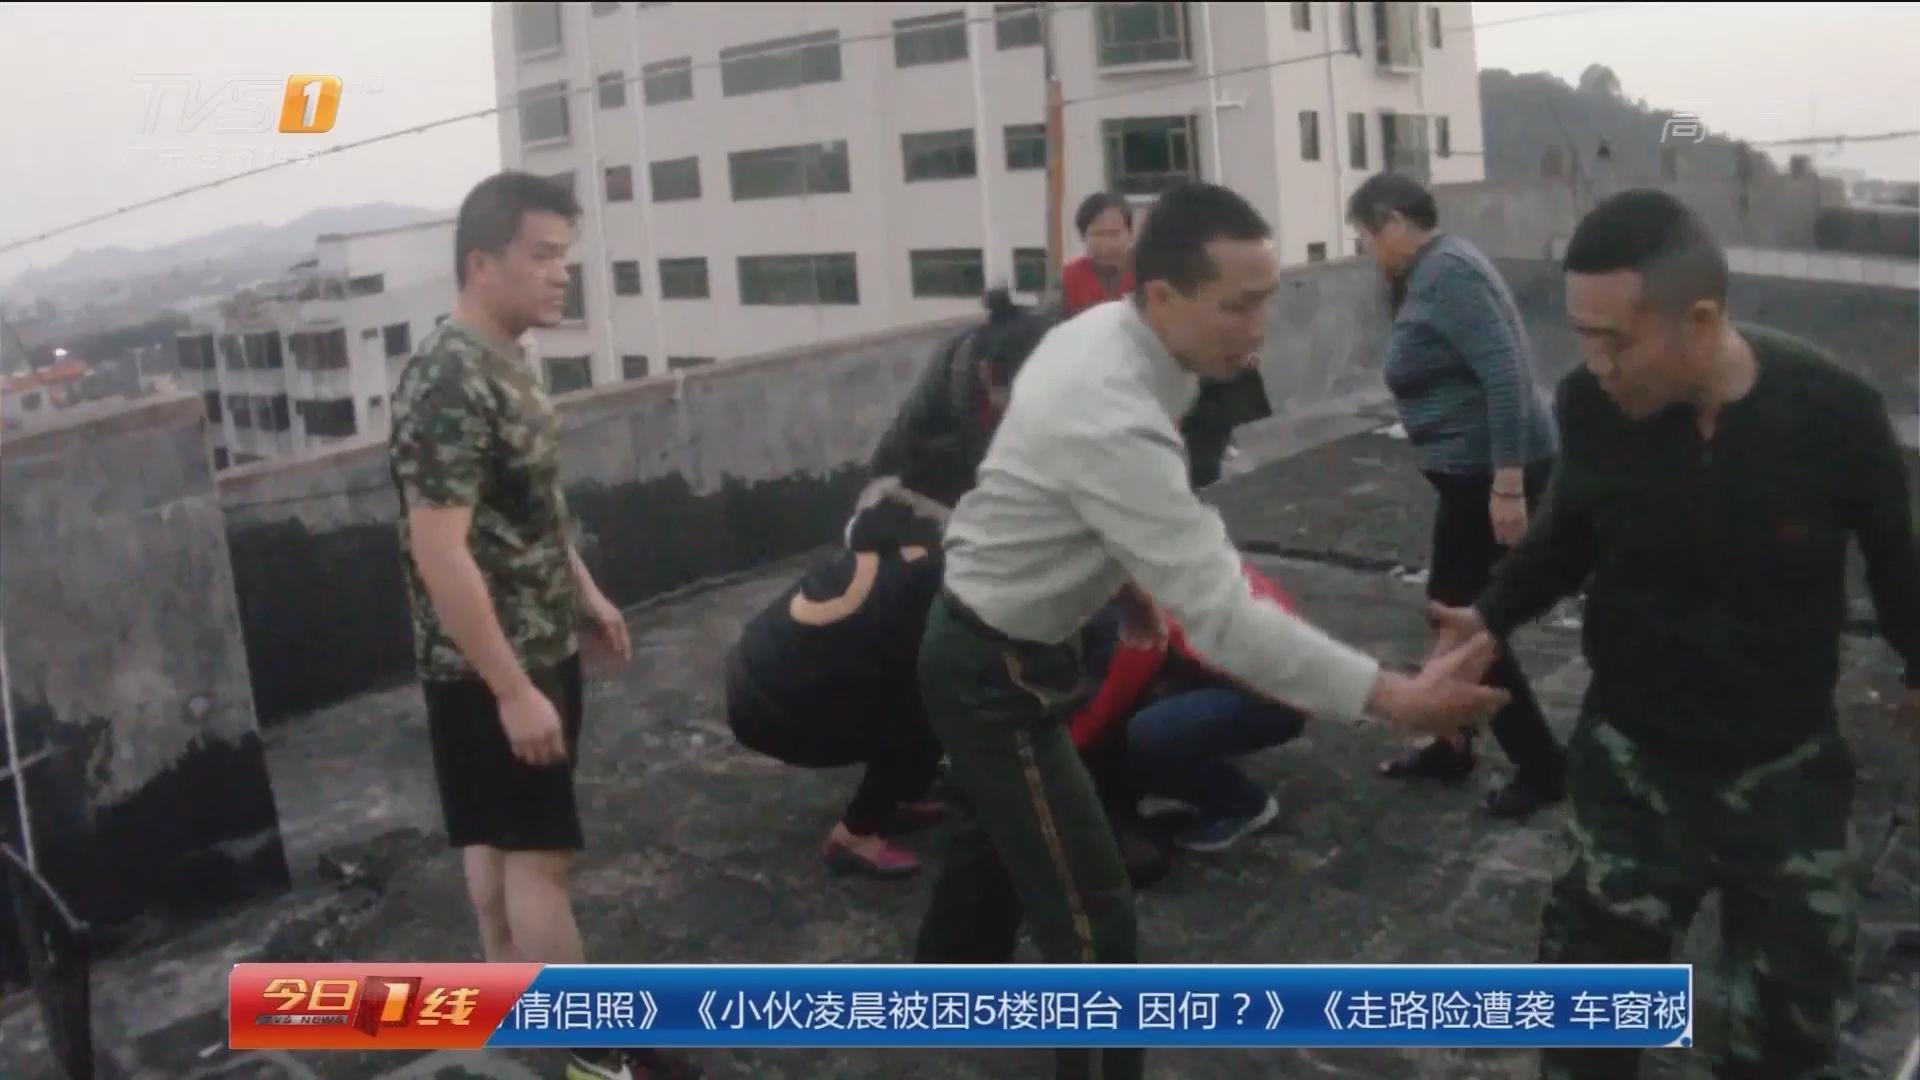 东莞虎门:发现窗外嘈杂 边防消防智取救人